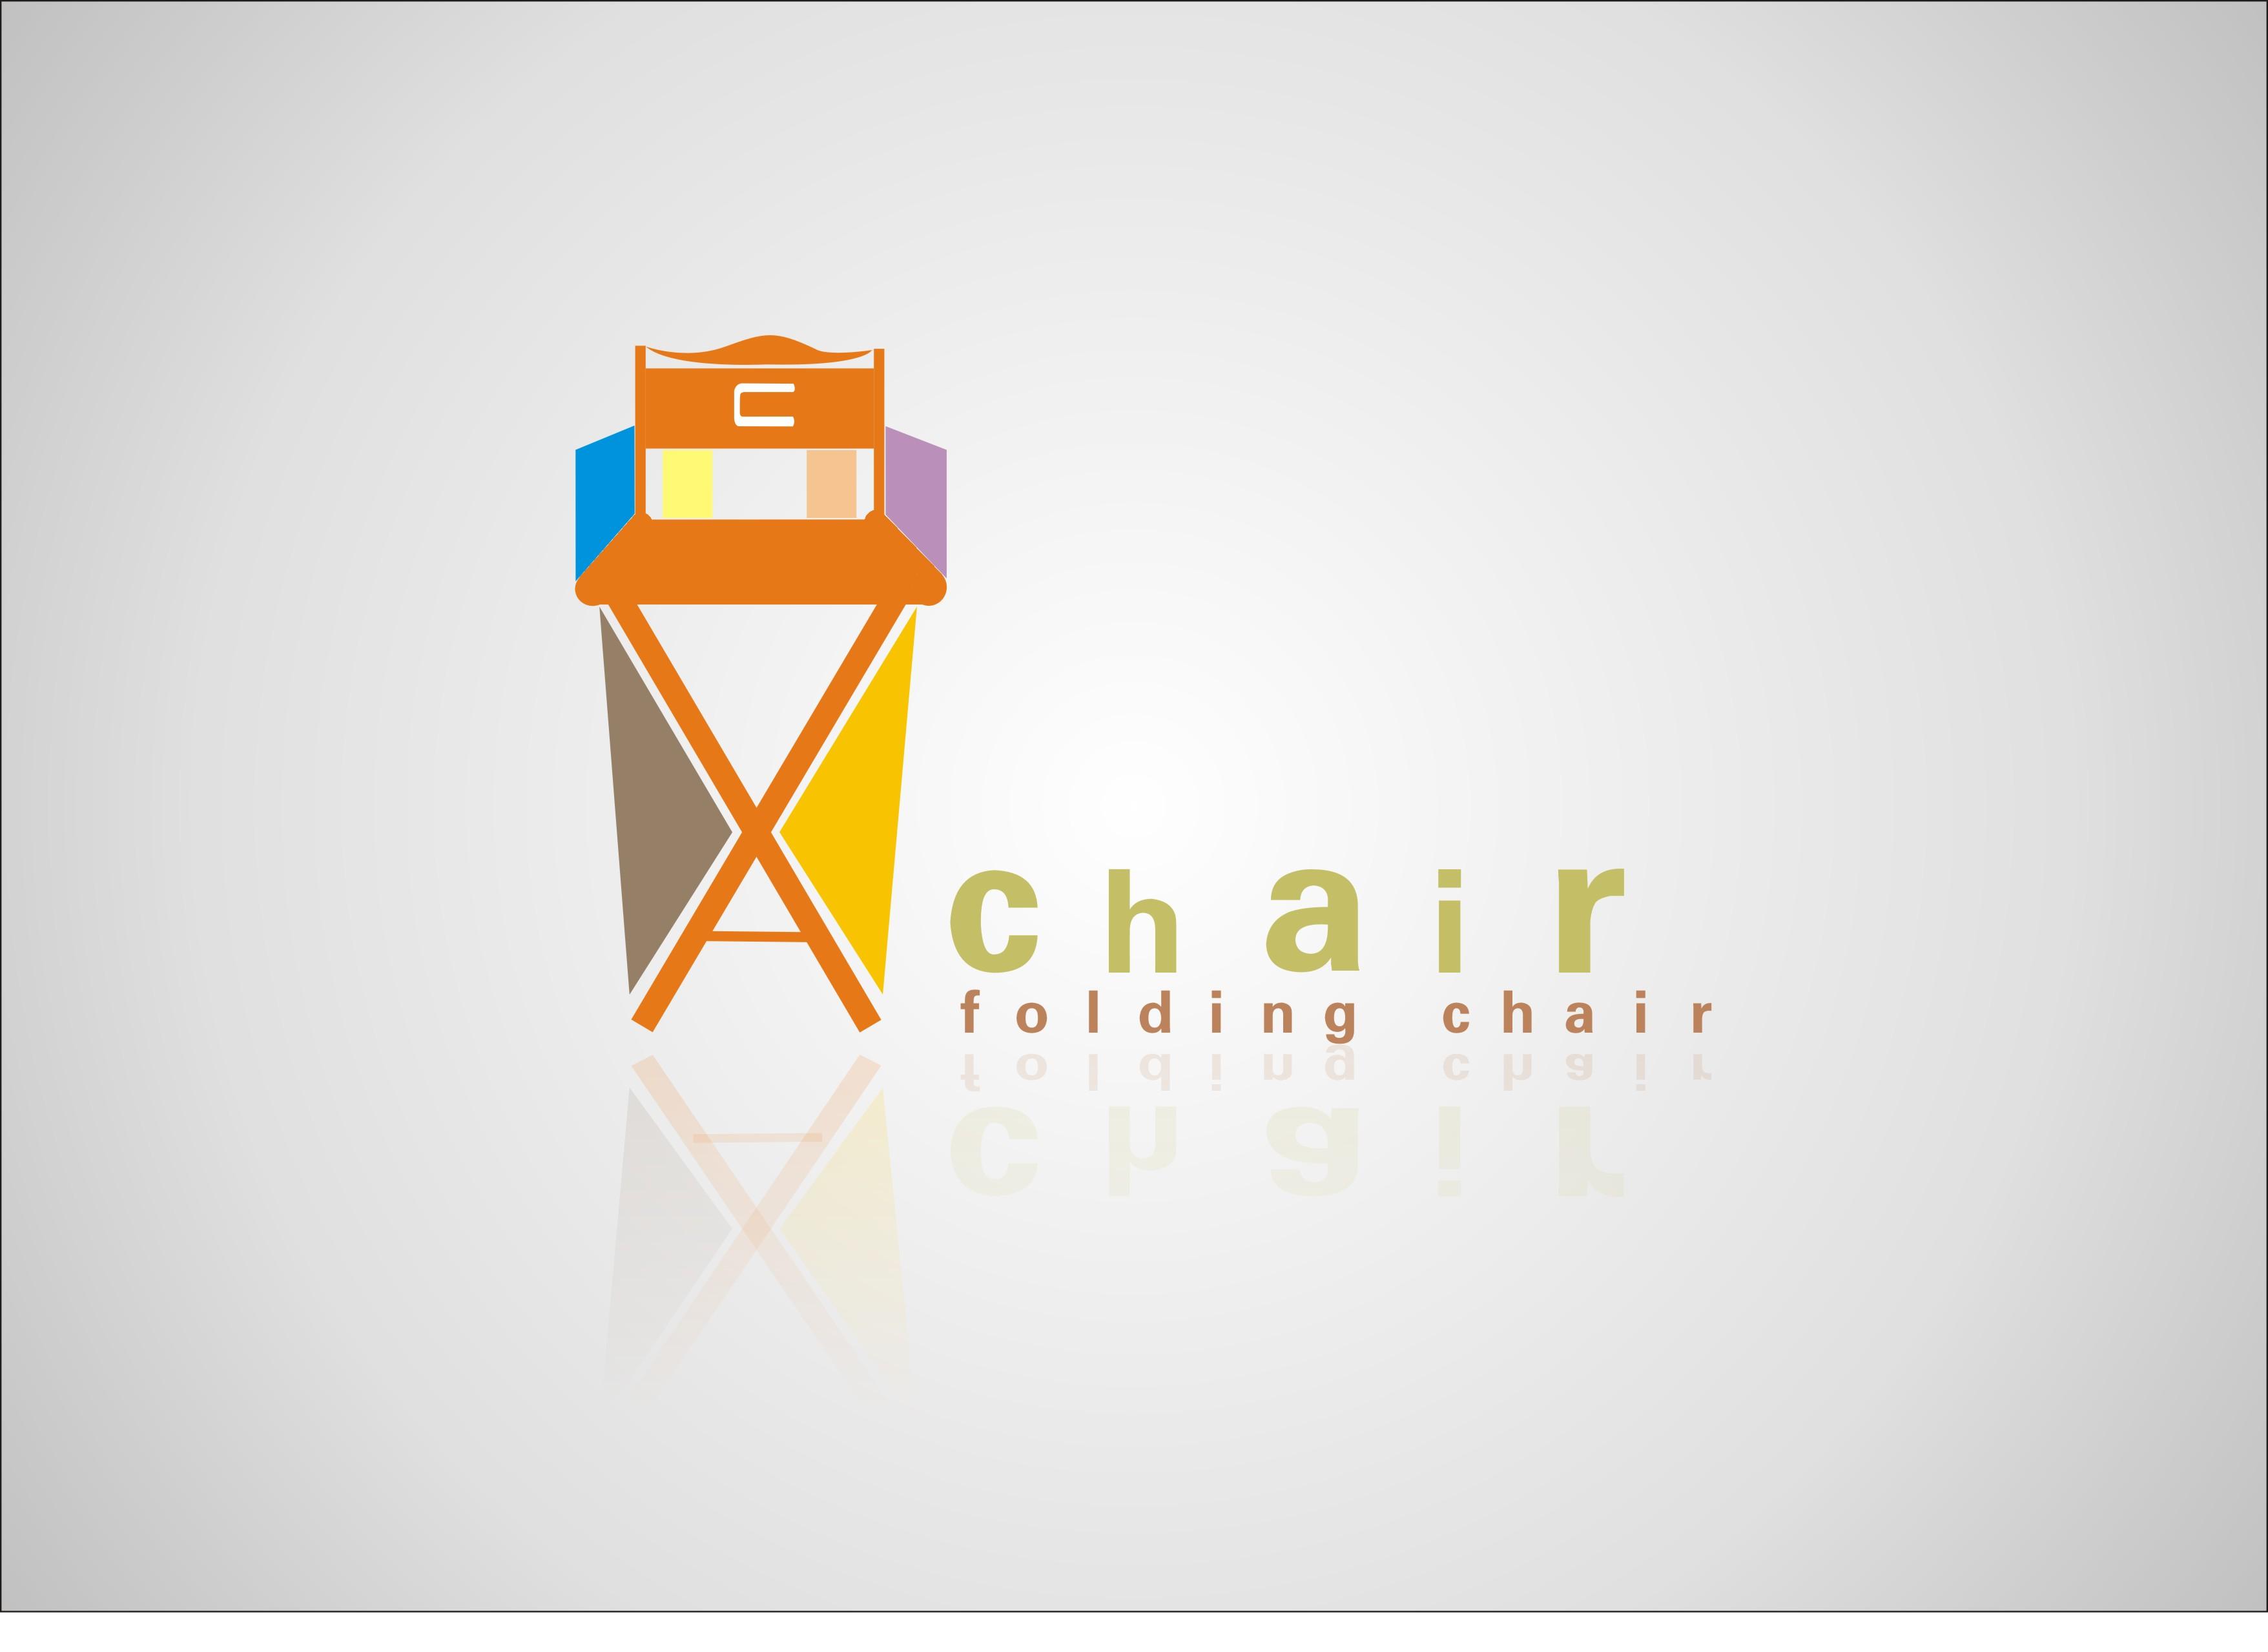 以折叠椅为元素设计的家具公司logo